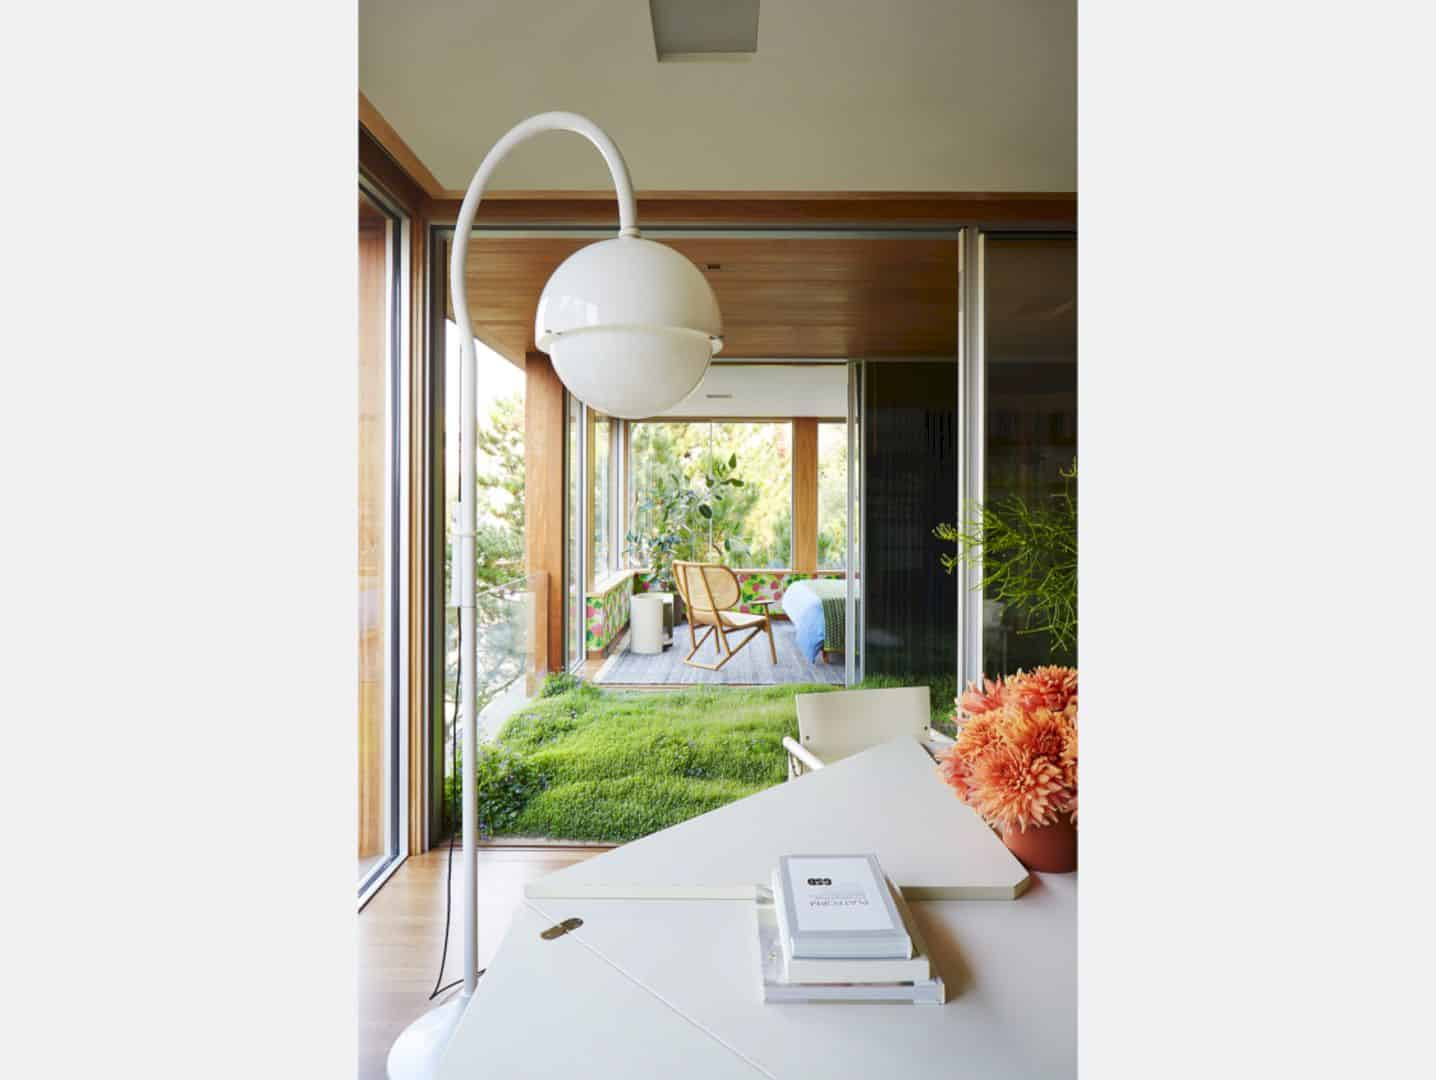 JACKSON HOUSE By Marmol Radziner Architecturer 2